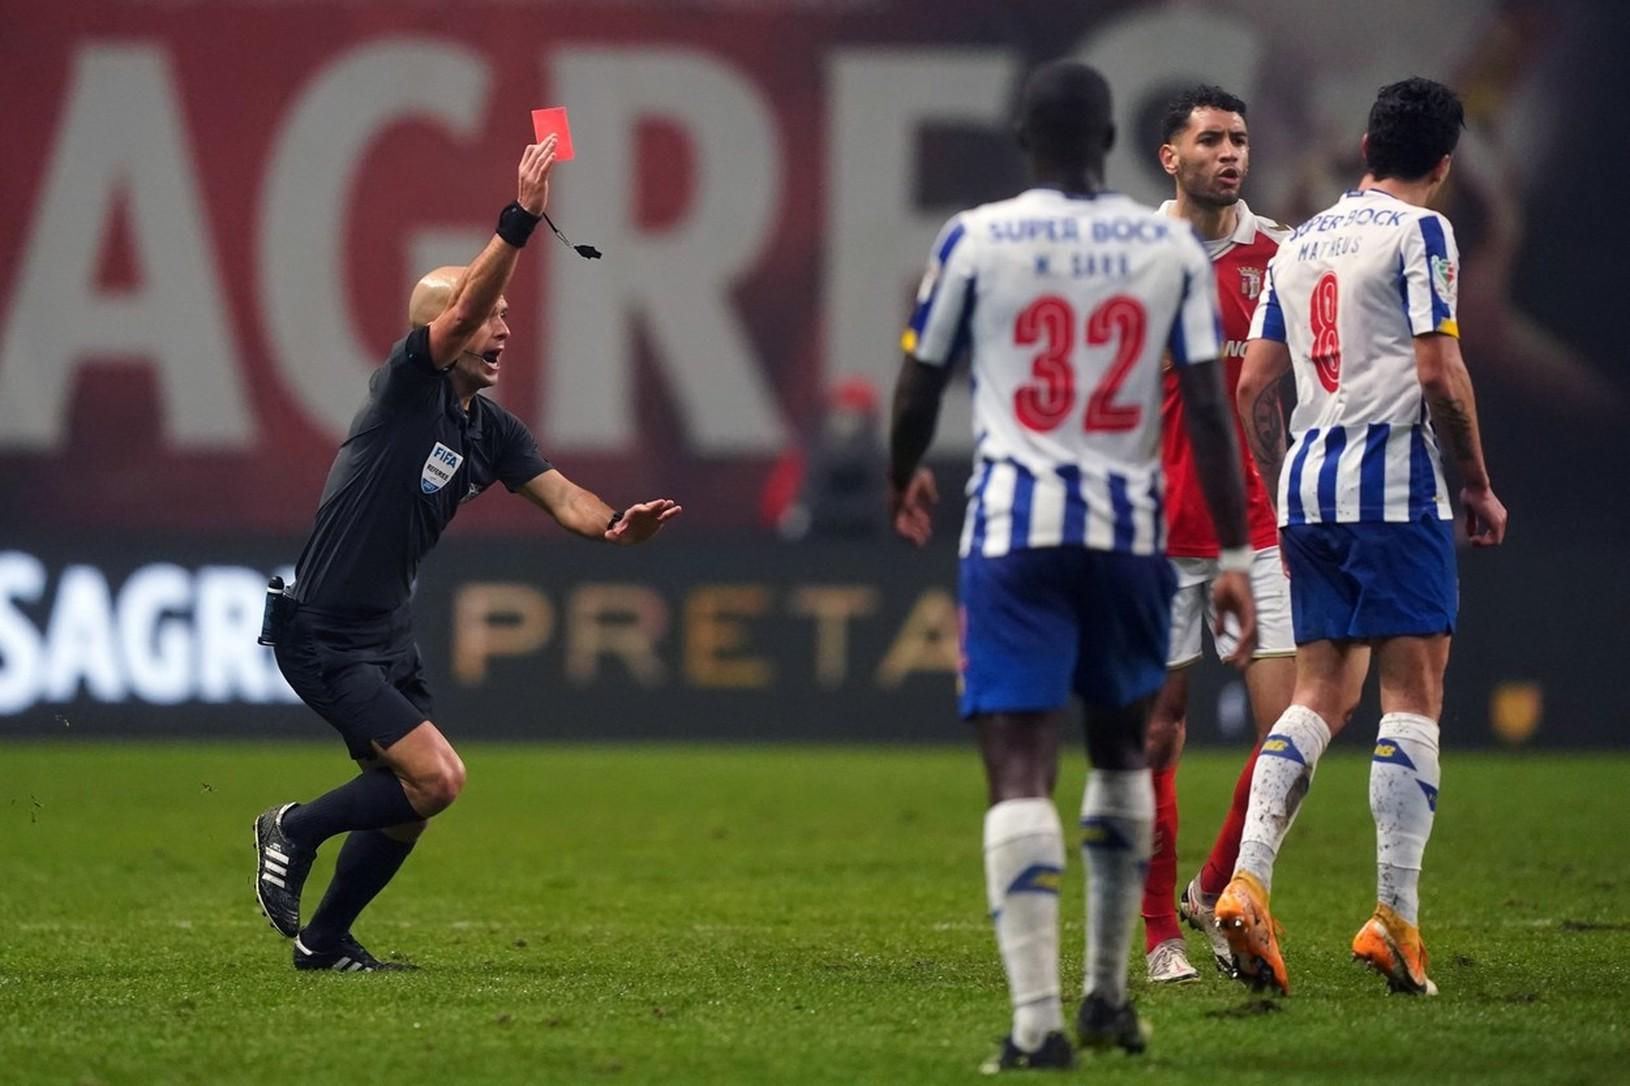 Luis Godinho udeľuje červenú